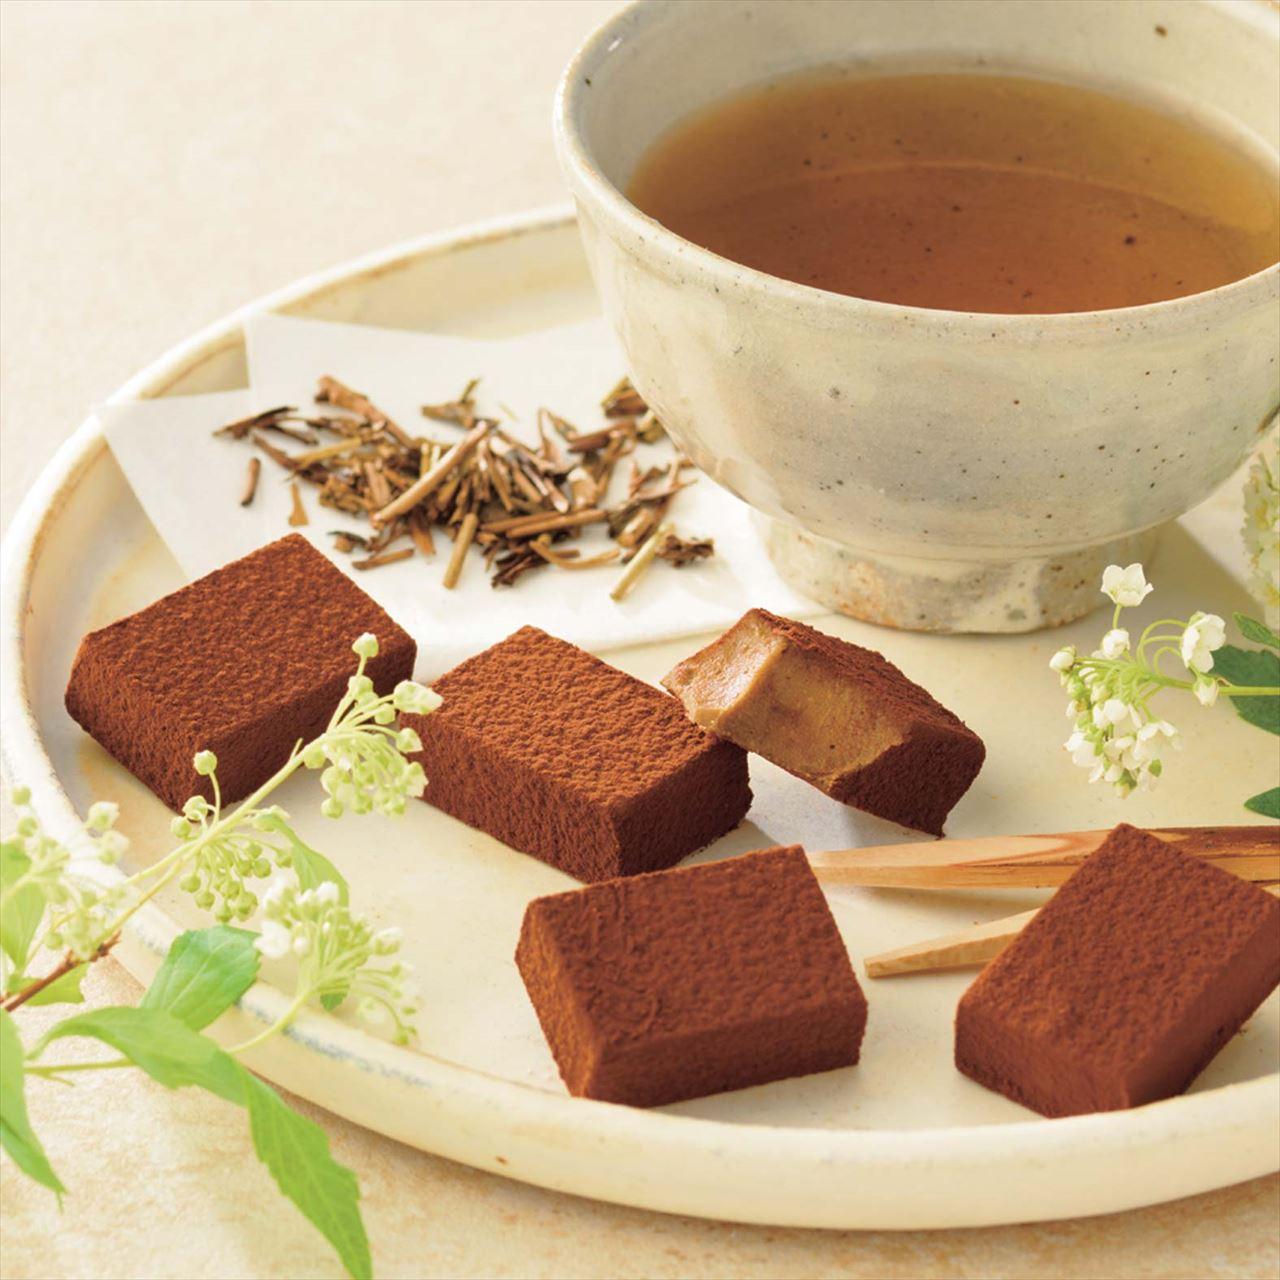 ストロベリーの甘い香り、ほうじ茶の香ばしさを感じる生チョコレート